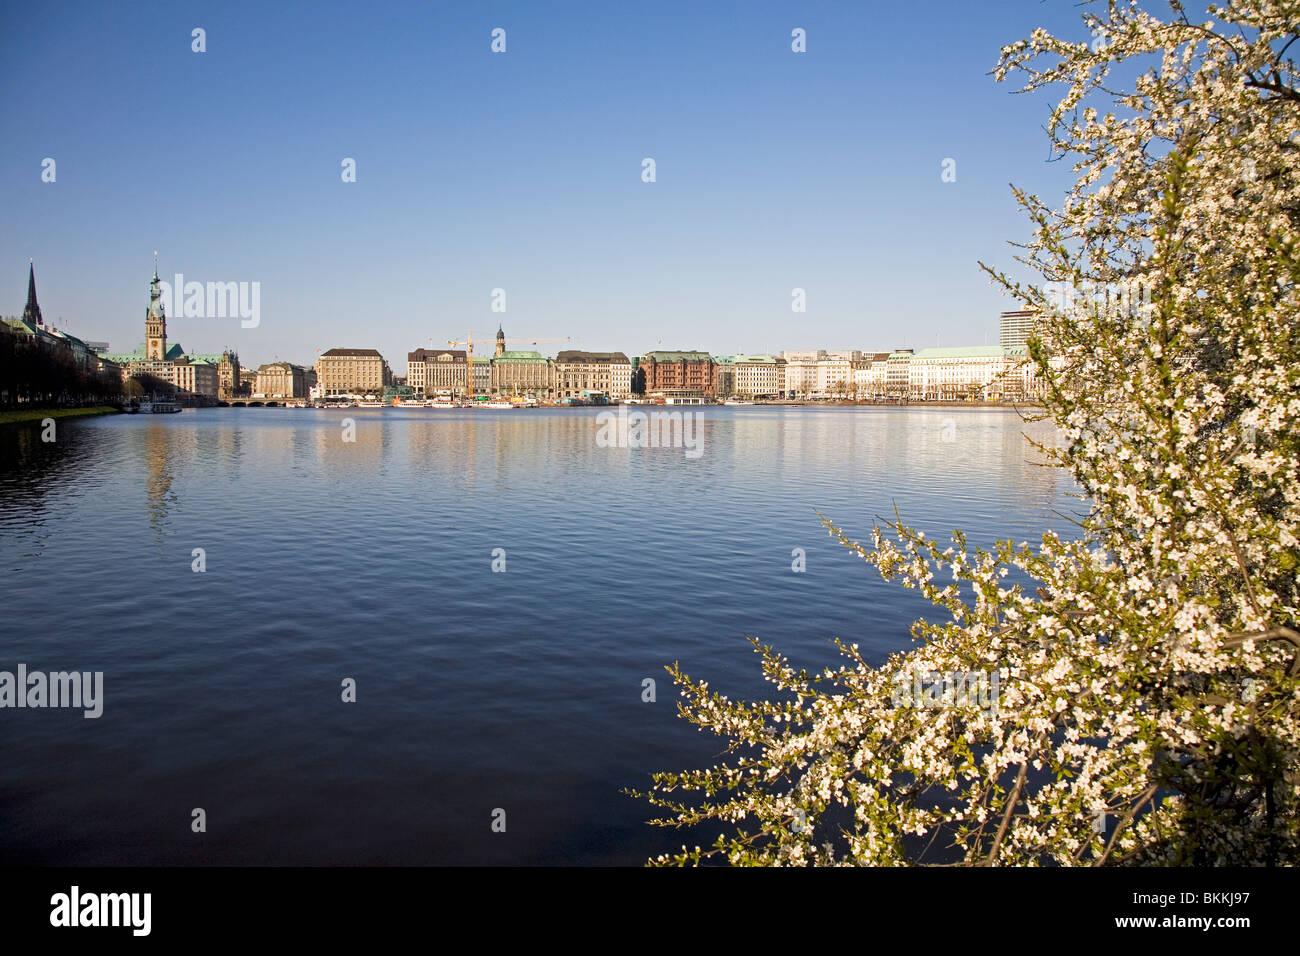 Frühling Sonne auf der Binnenalster (Innen Alster See) in der Stadt Hamburg, Deutschland. Stockbild